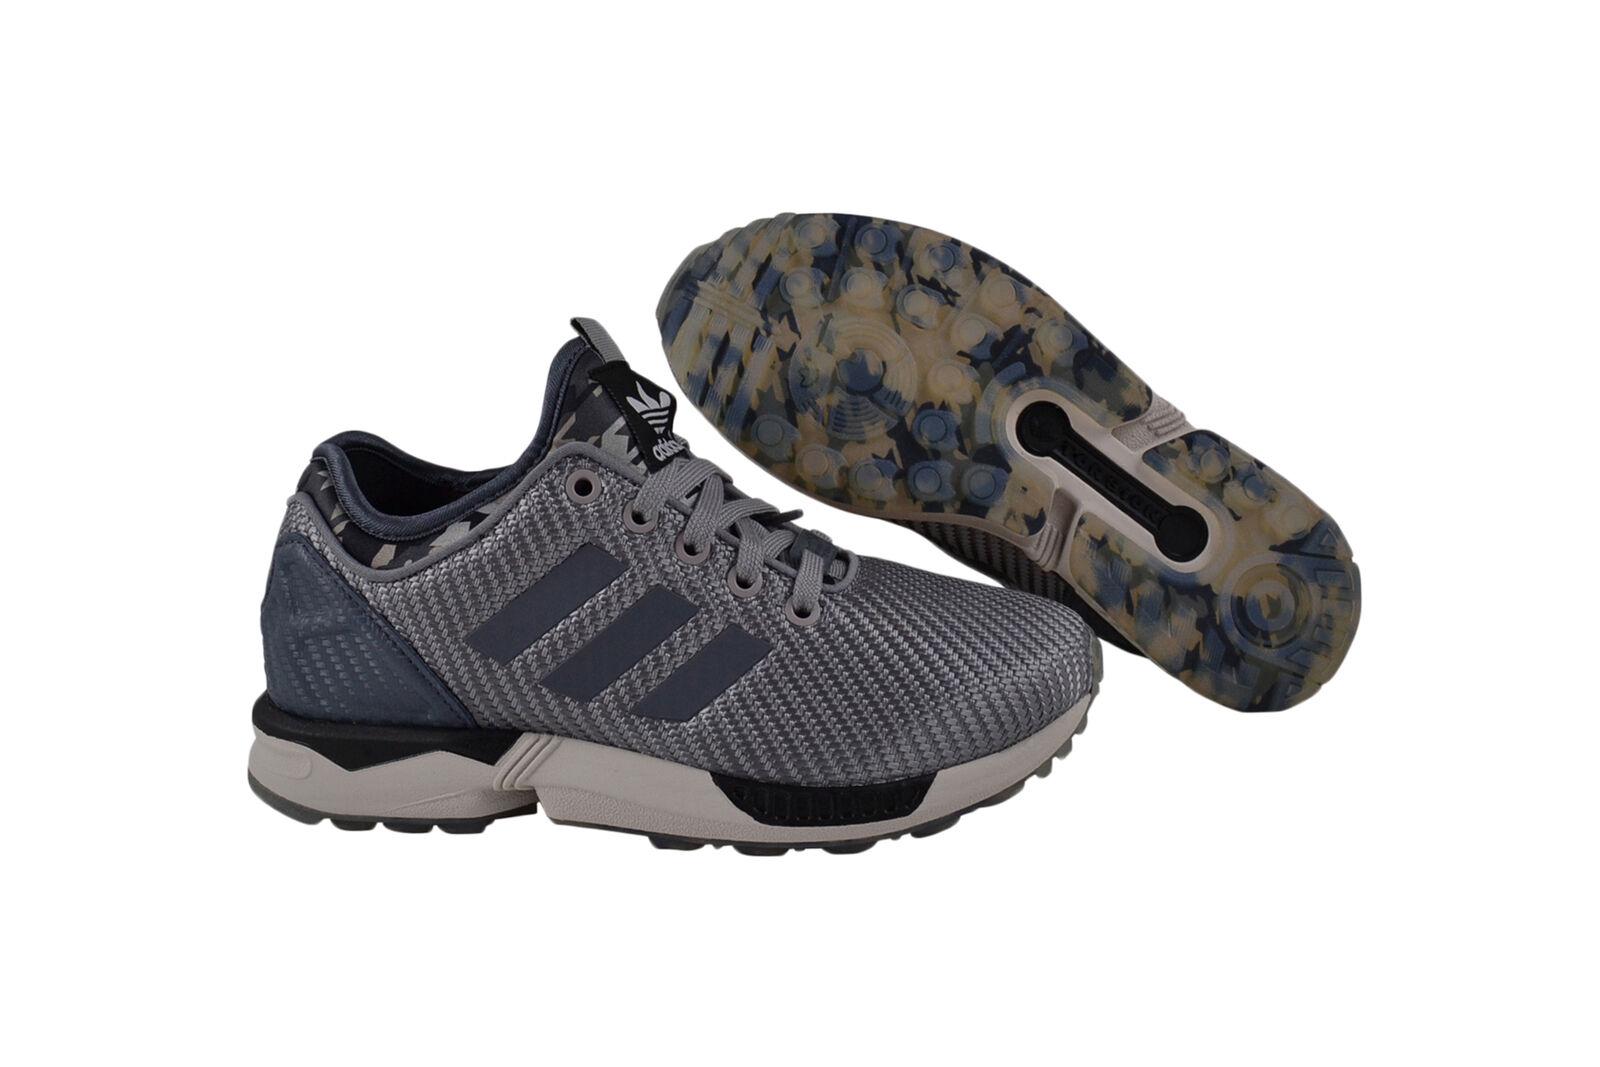 Adidas ZX Flux NPS ltonix Onix peagre zapatilla de deporte zapatos gris b32745